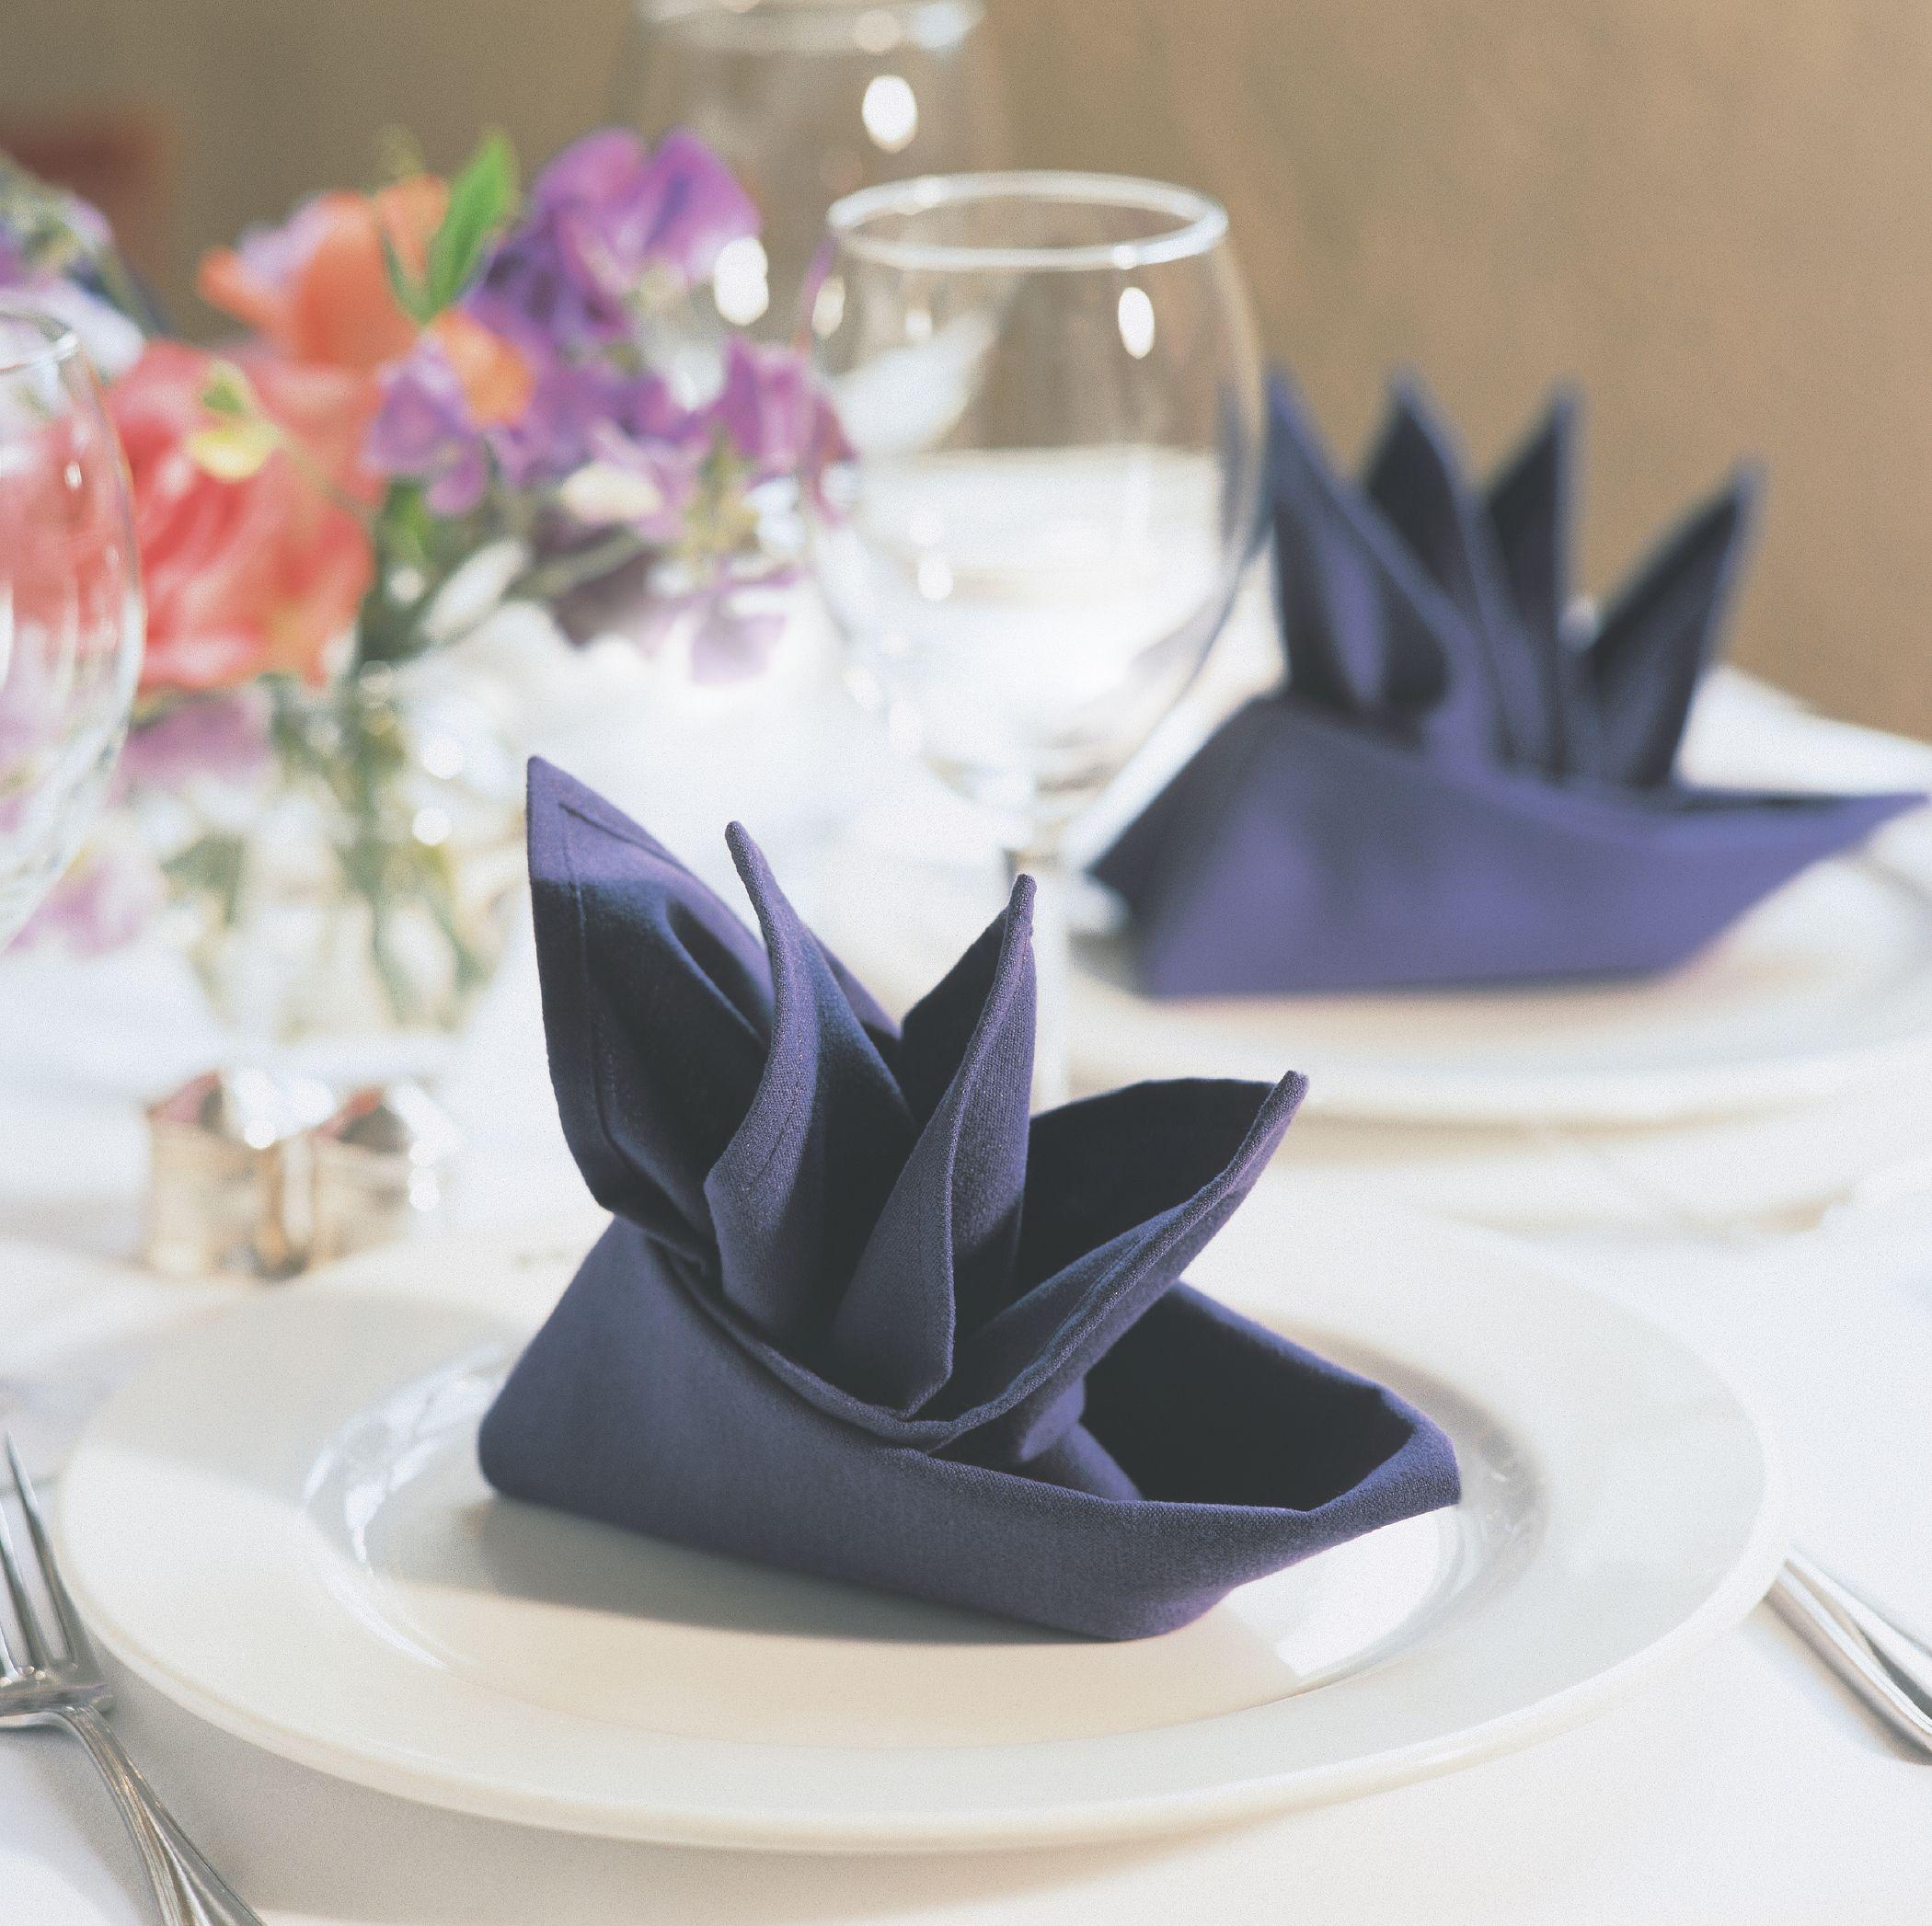 25 способов красиво сложить салфетки на праздничный стол